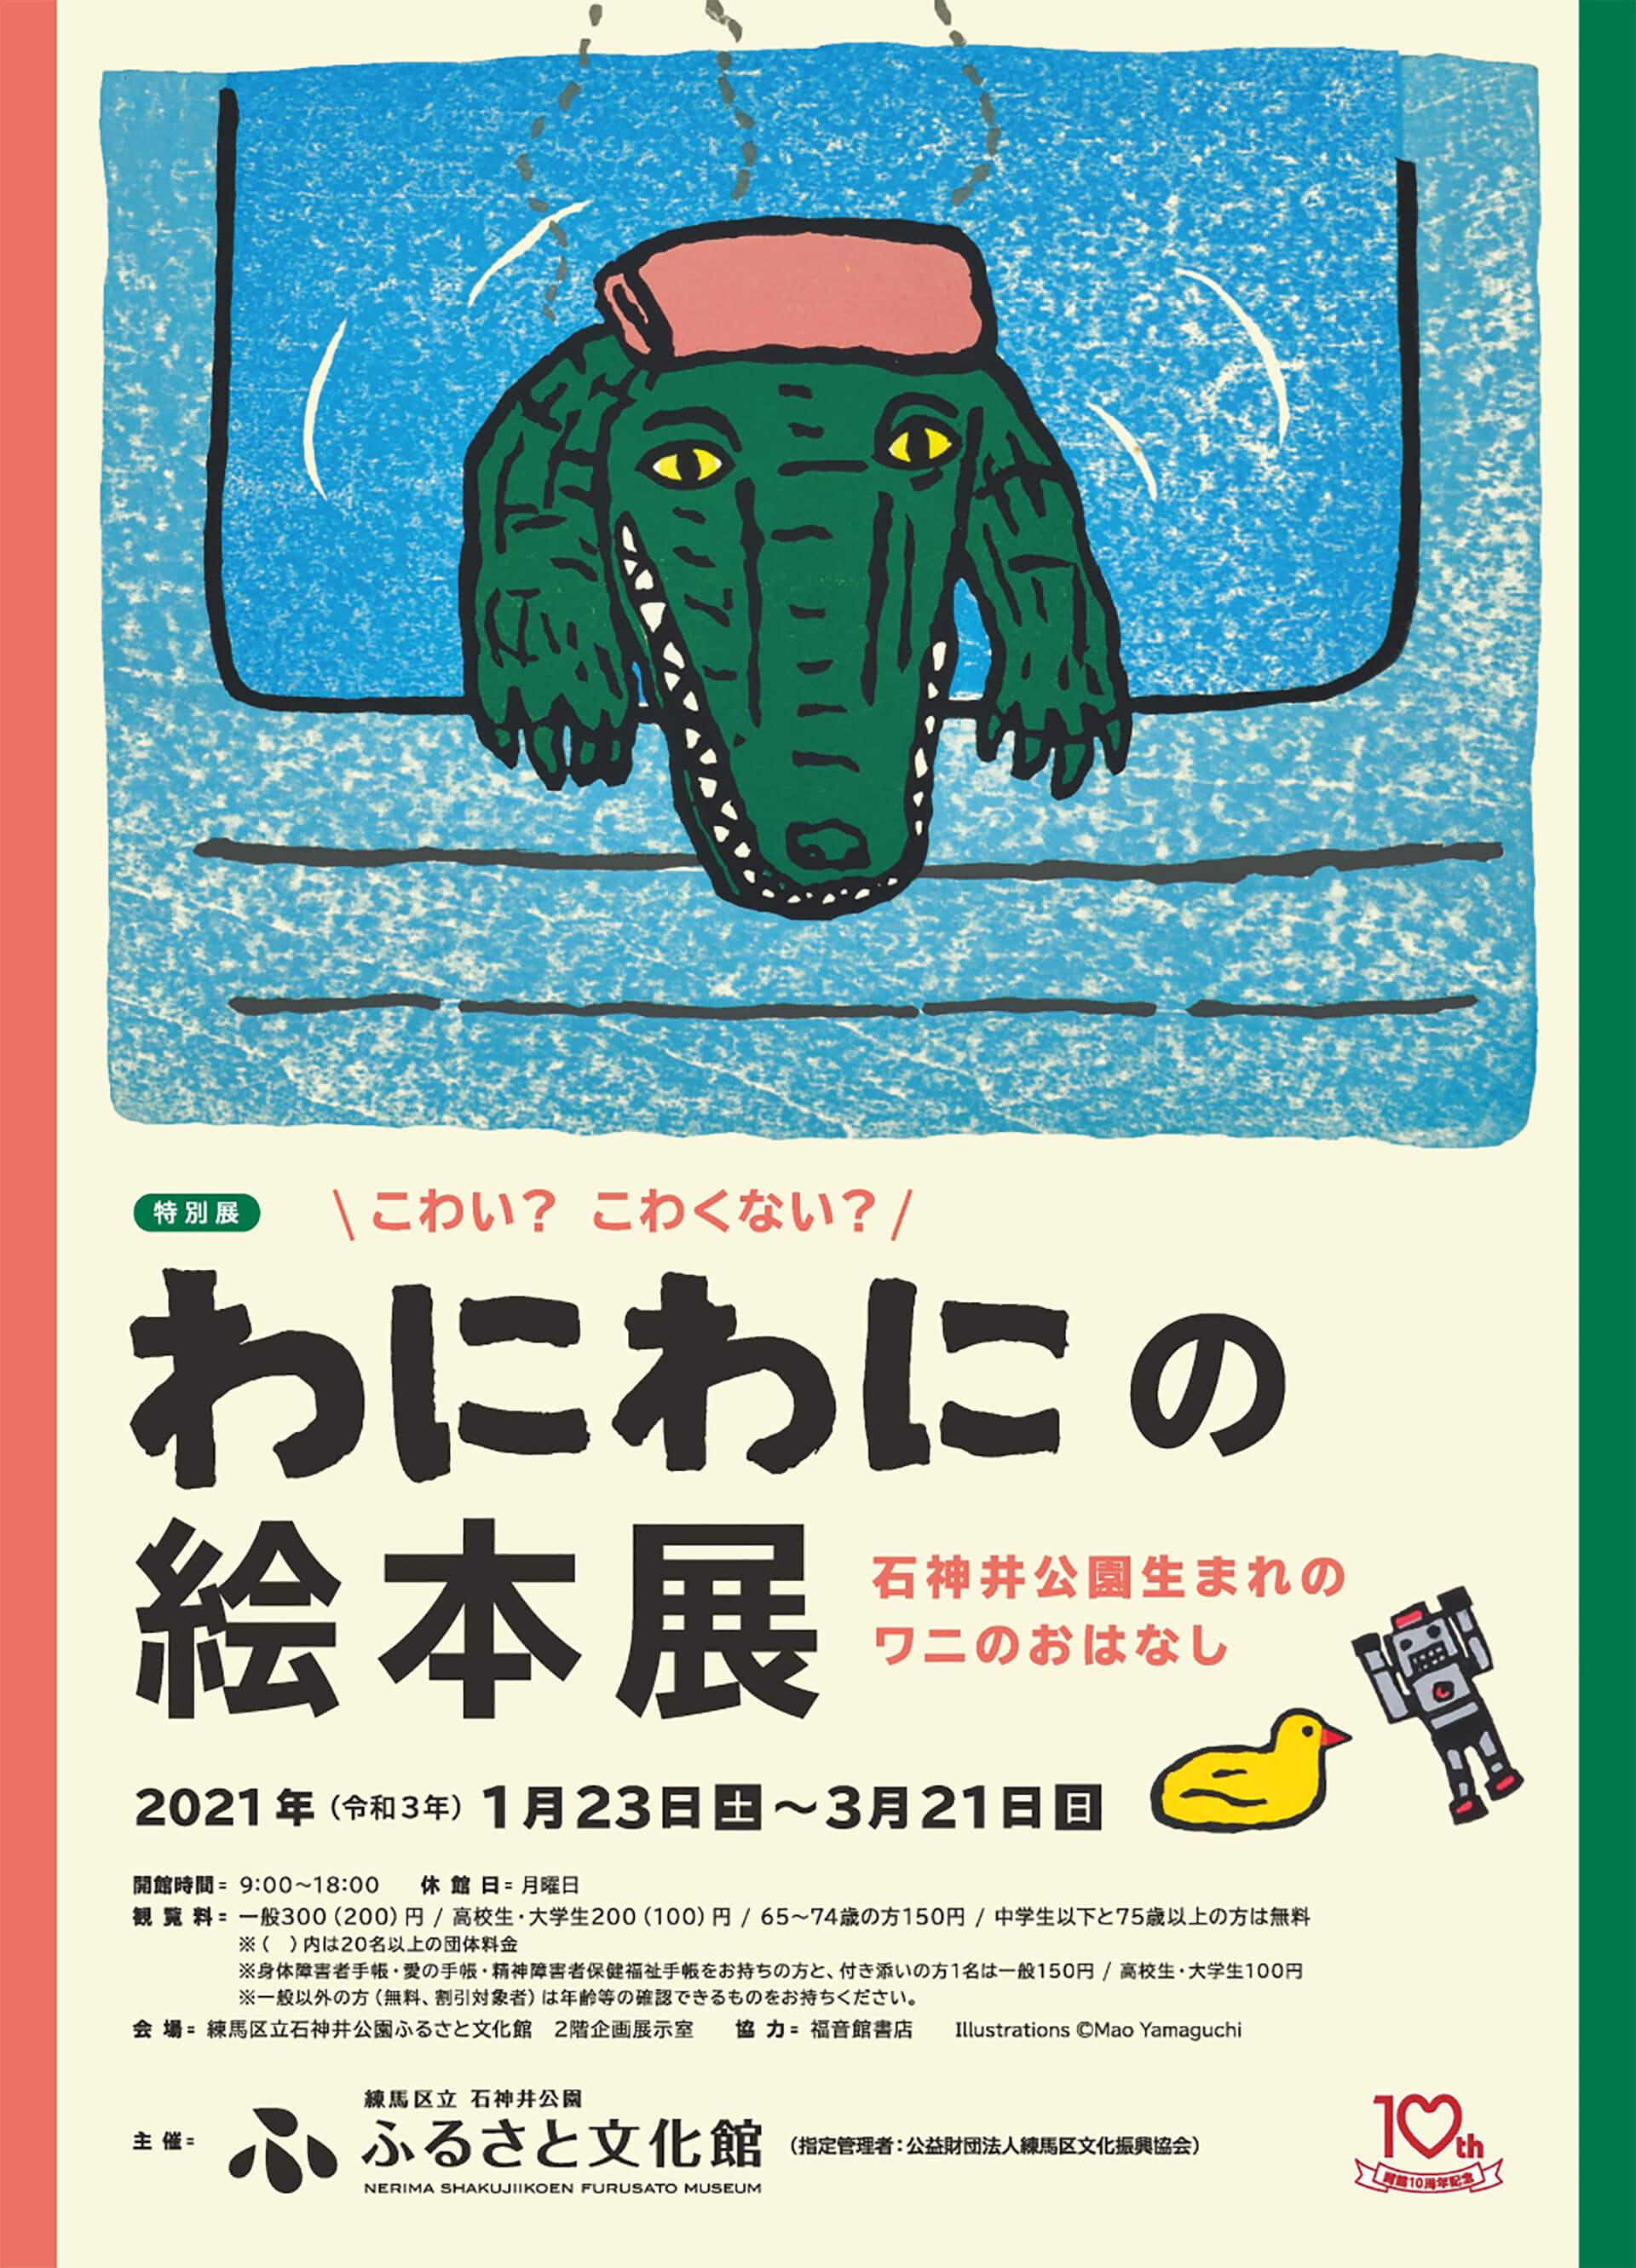 特別展「こわい?こわくない? わにわにの絵本展-石神井公園生まれのワニのおはなし-」